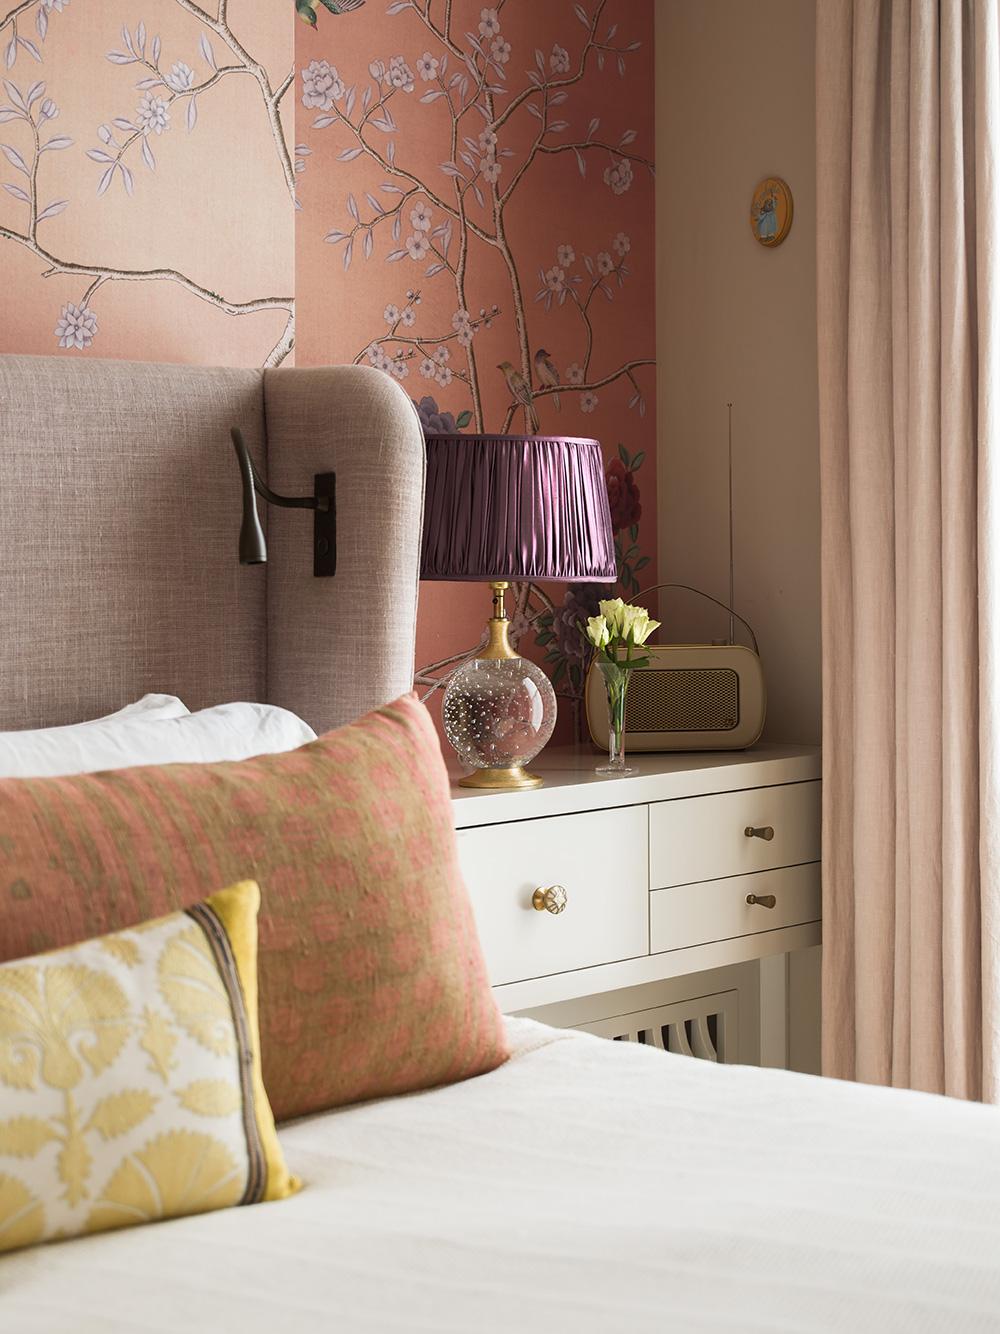 Cushion detail – interior design by Eadie & Crole